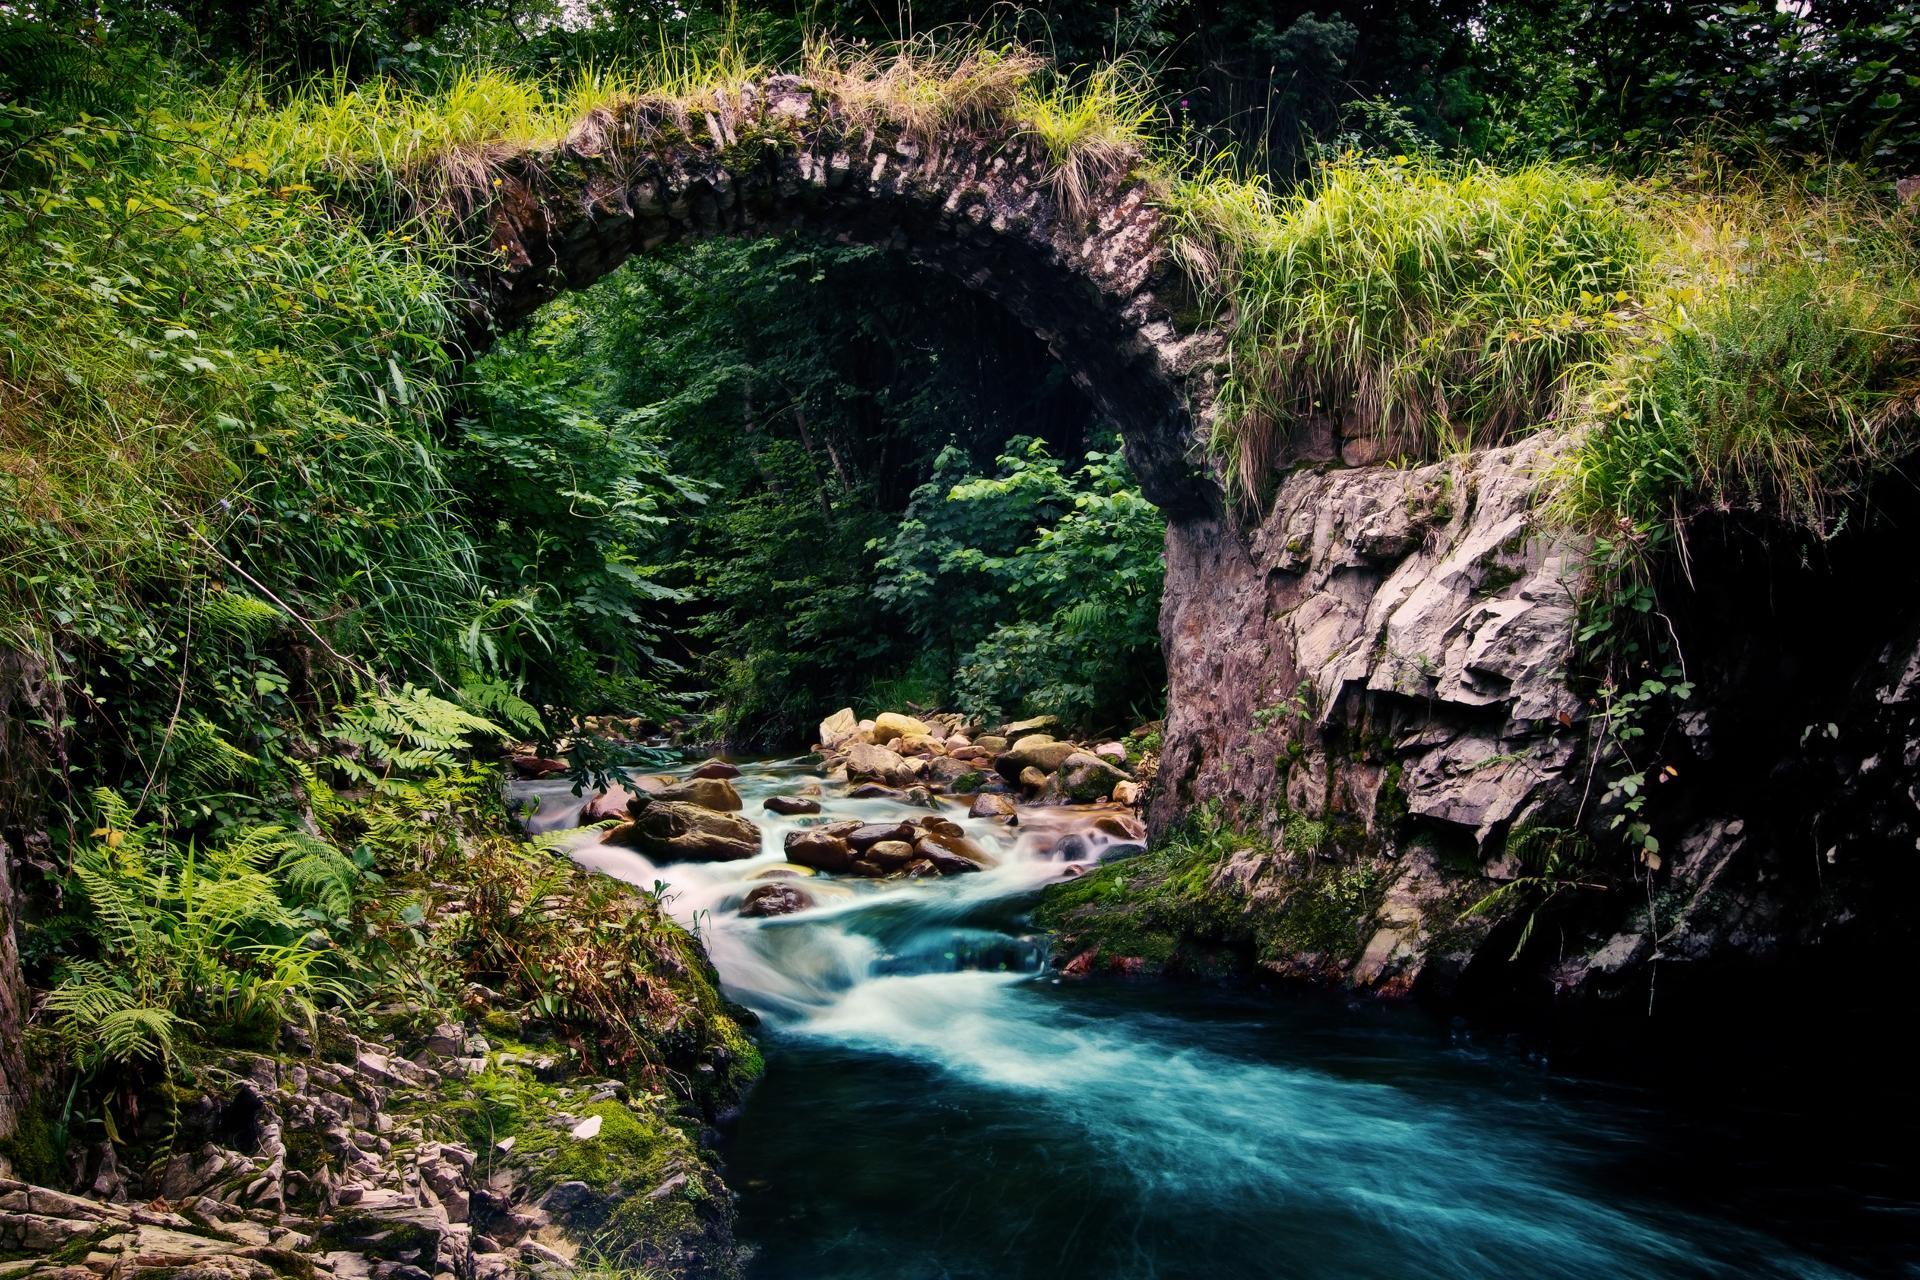 Мост через речку в ущелье  № 2239340 бесплатно